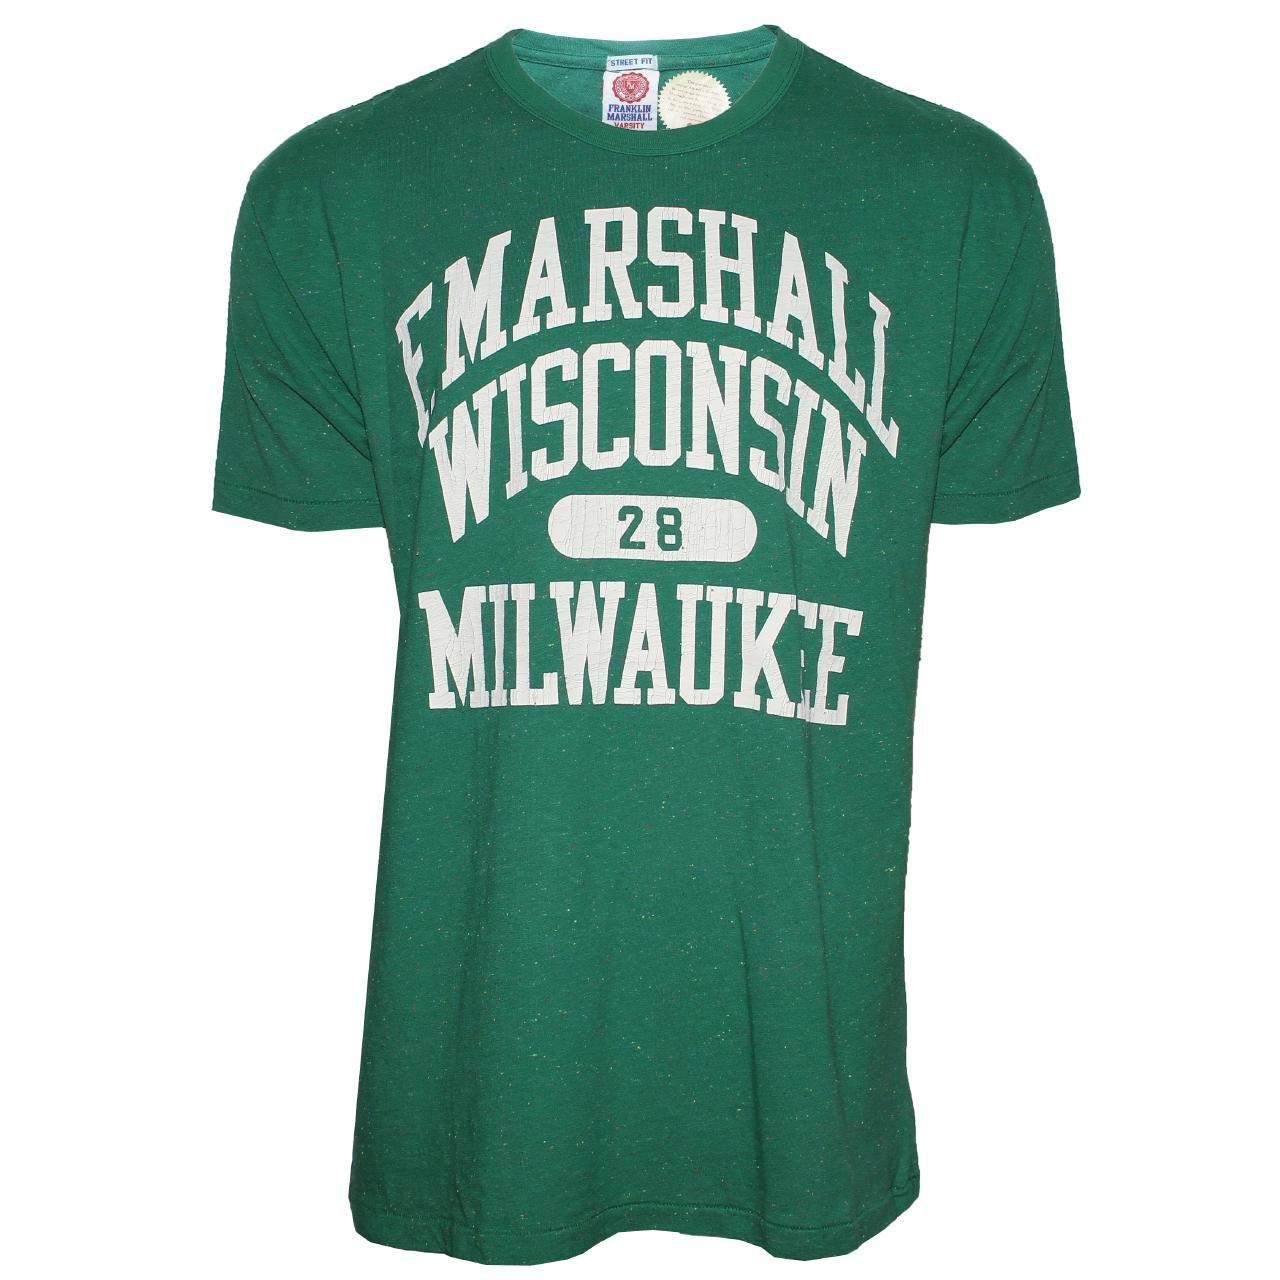 تی شرت مردانه فرانکلین مارشال مدل Jersey کد 220G